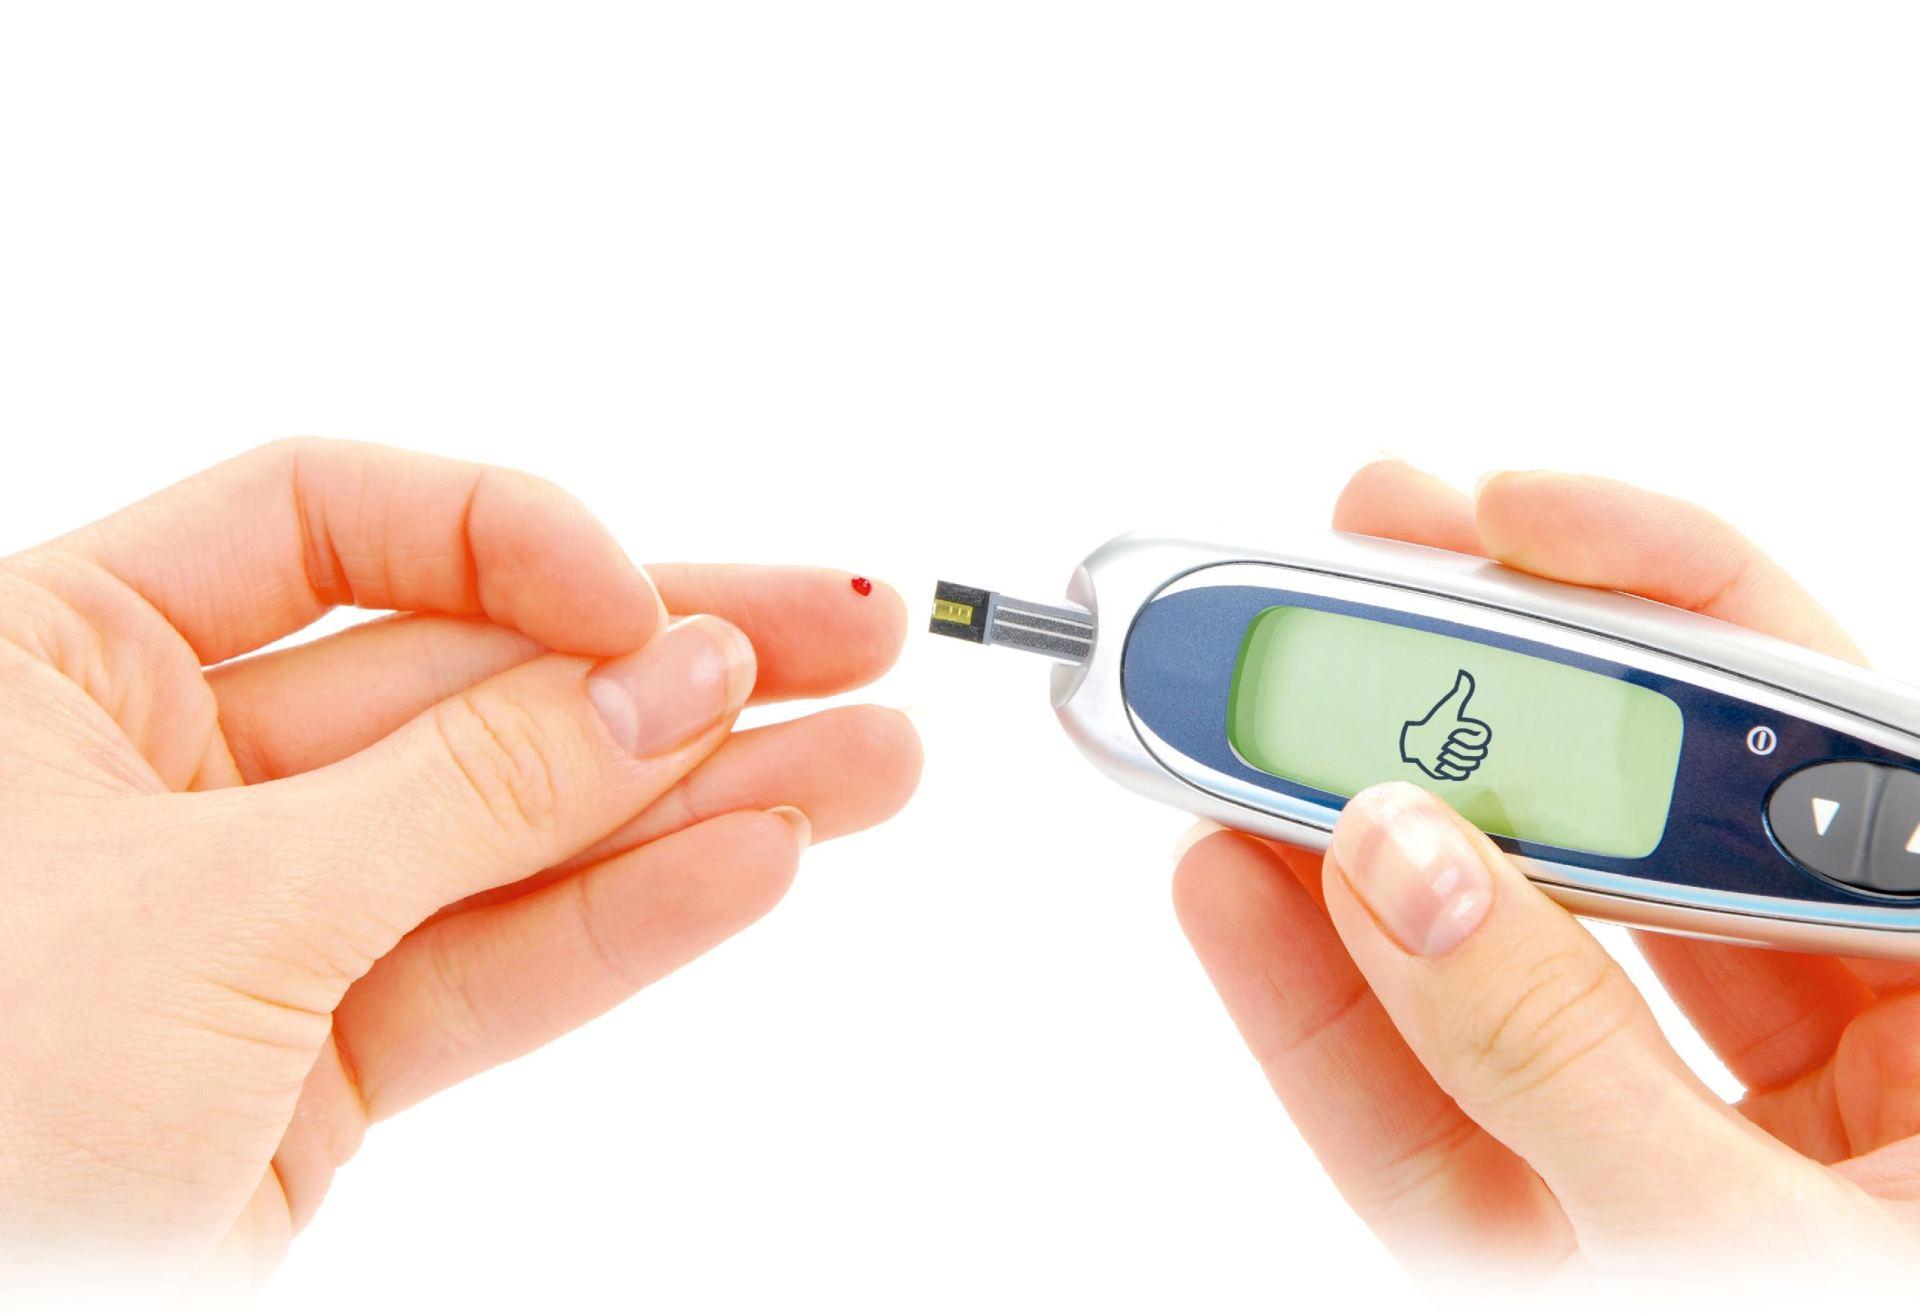 hipertenzija padidėjęs cukraus kiekis kraujyje)